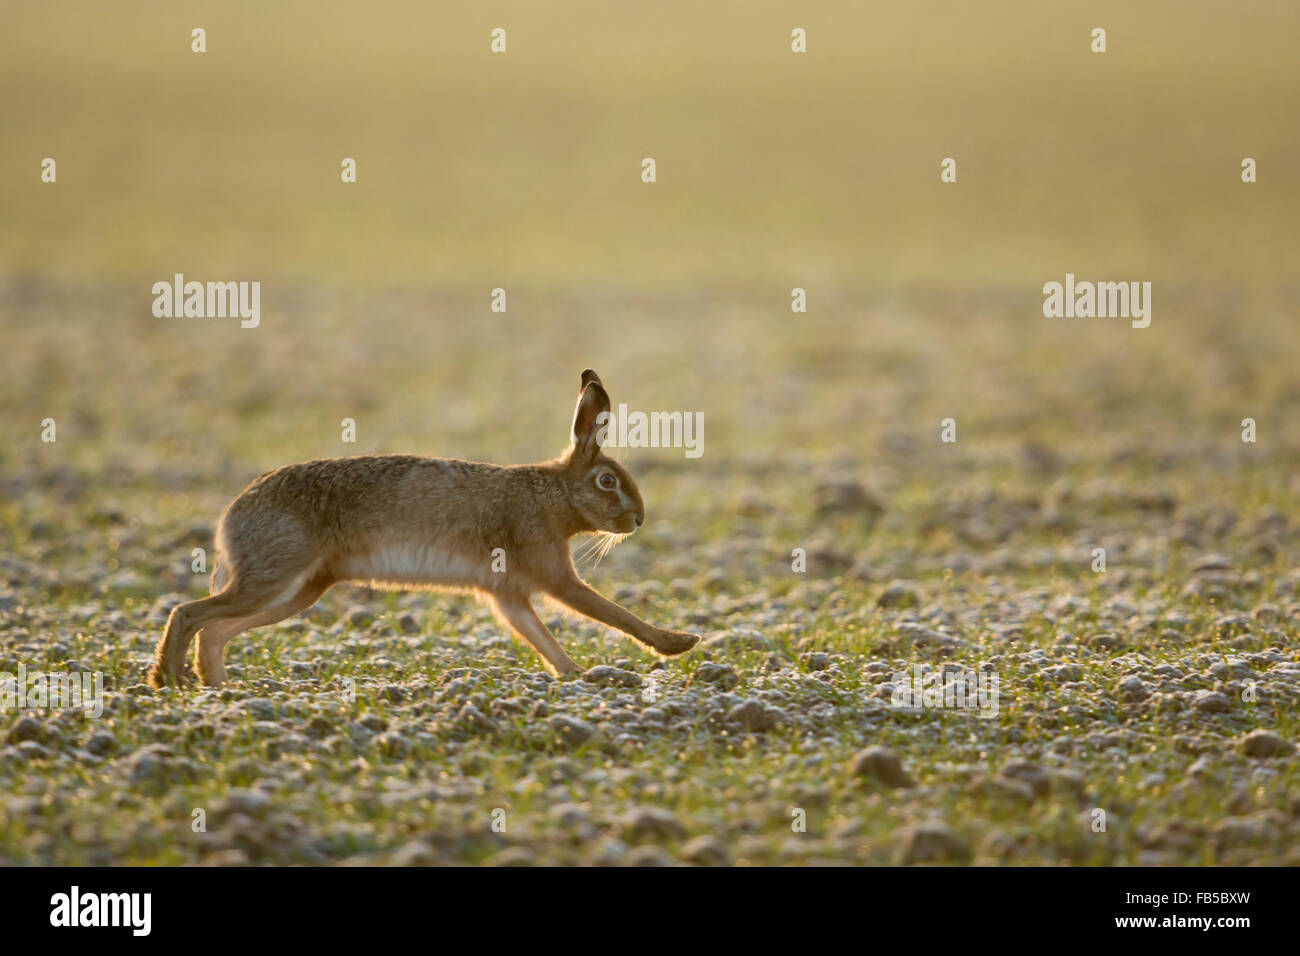 Brown Lepre / Europea Lepre / Feldhase ( Lepus europaeus ) è in esecuzione su un campo di grano invernale, Immagini Stock